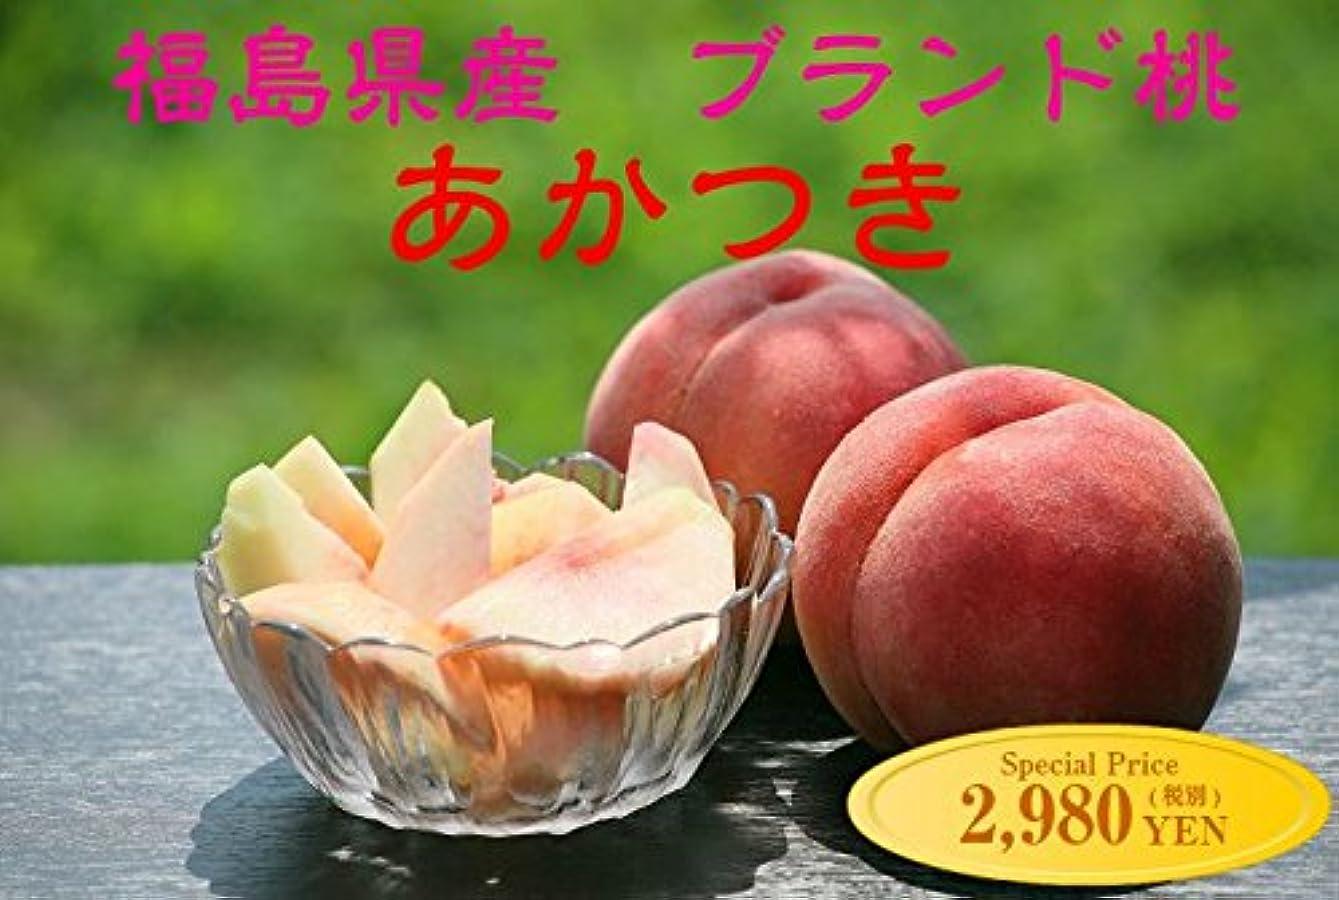 あごひげ松の木パブ果物 ギフト 山梨県産 完熟 桃 2kg(5?8個) 糖度センサー 大玉 もも